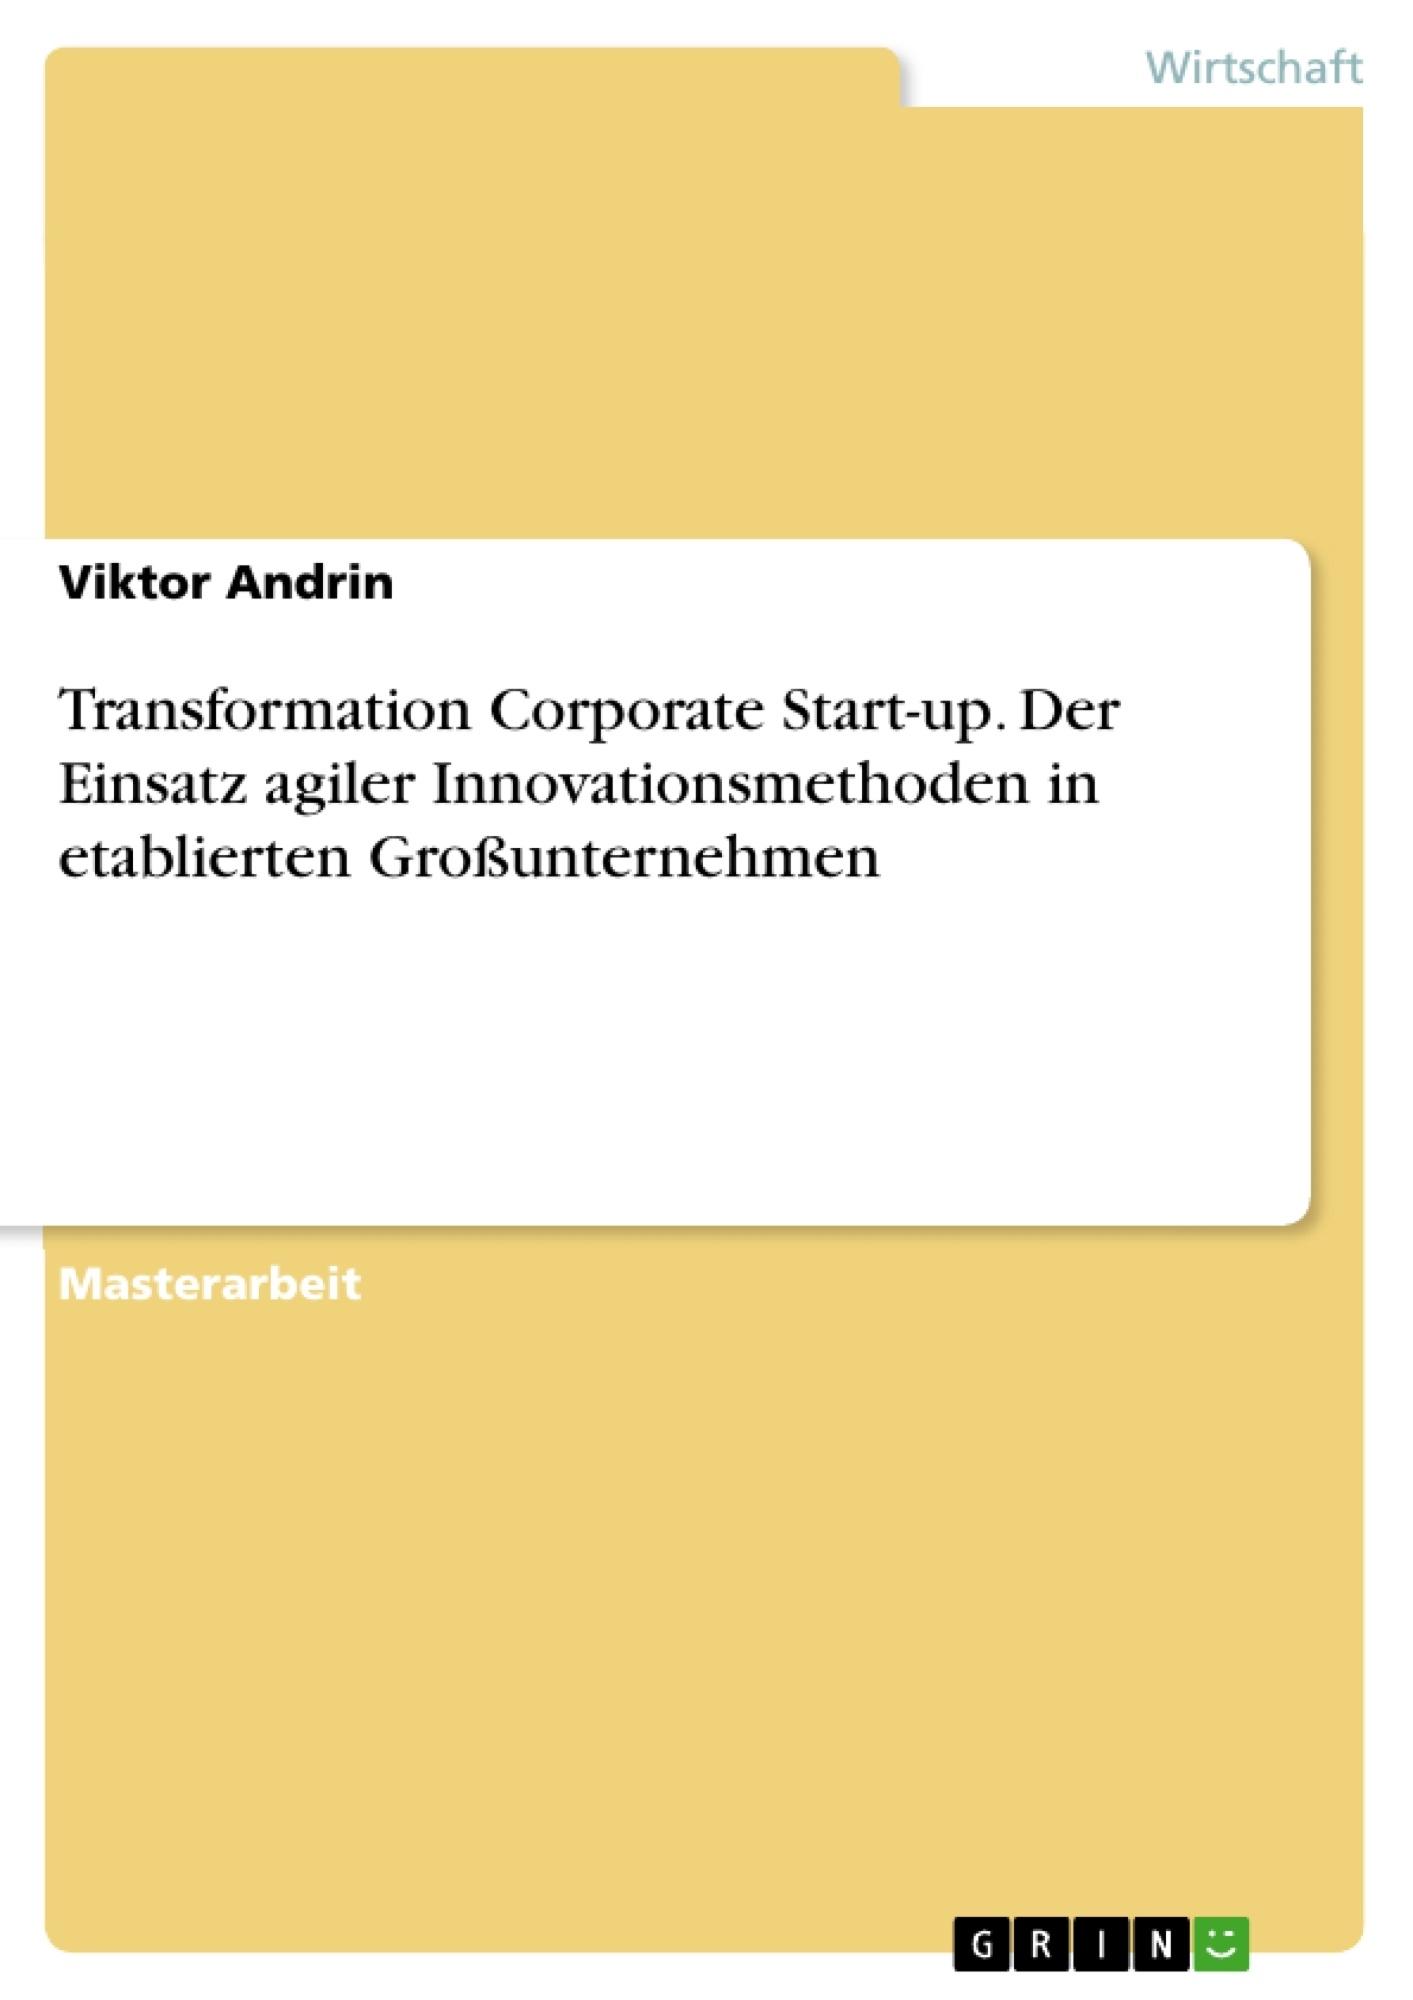 Titel: Transformation Corporate Start-up. Der Einsatz agiler Innovationsmethoden in etablierten Großunternehmen